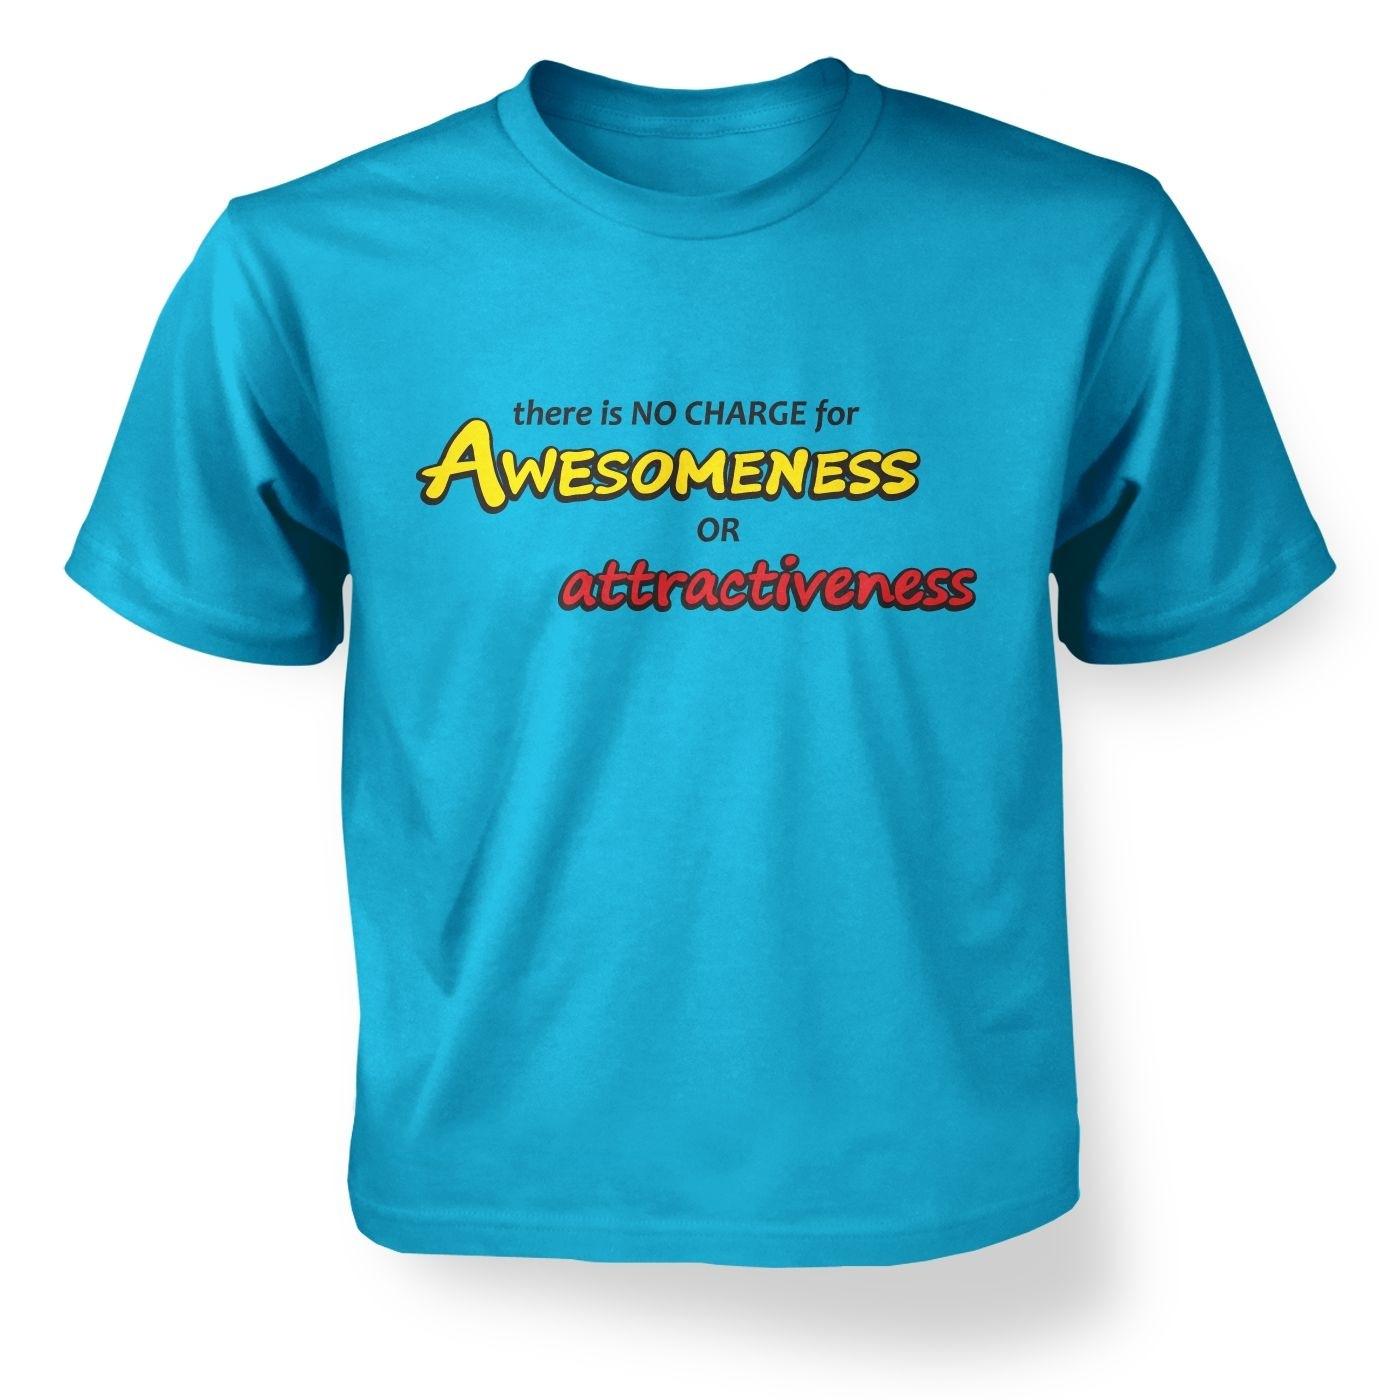 Kids' Awesomeness t-shirt - Inspired by Kung Fu Panda